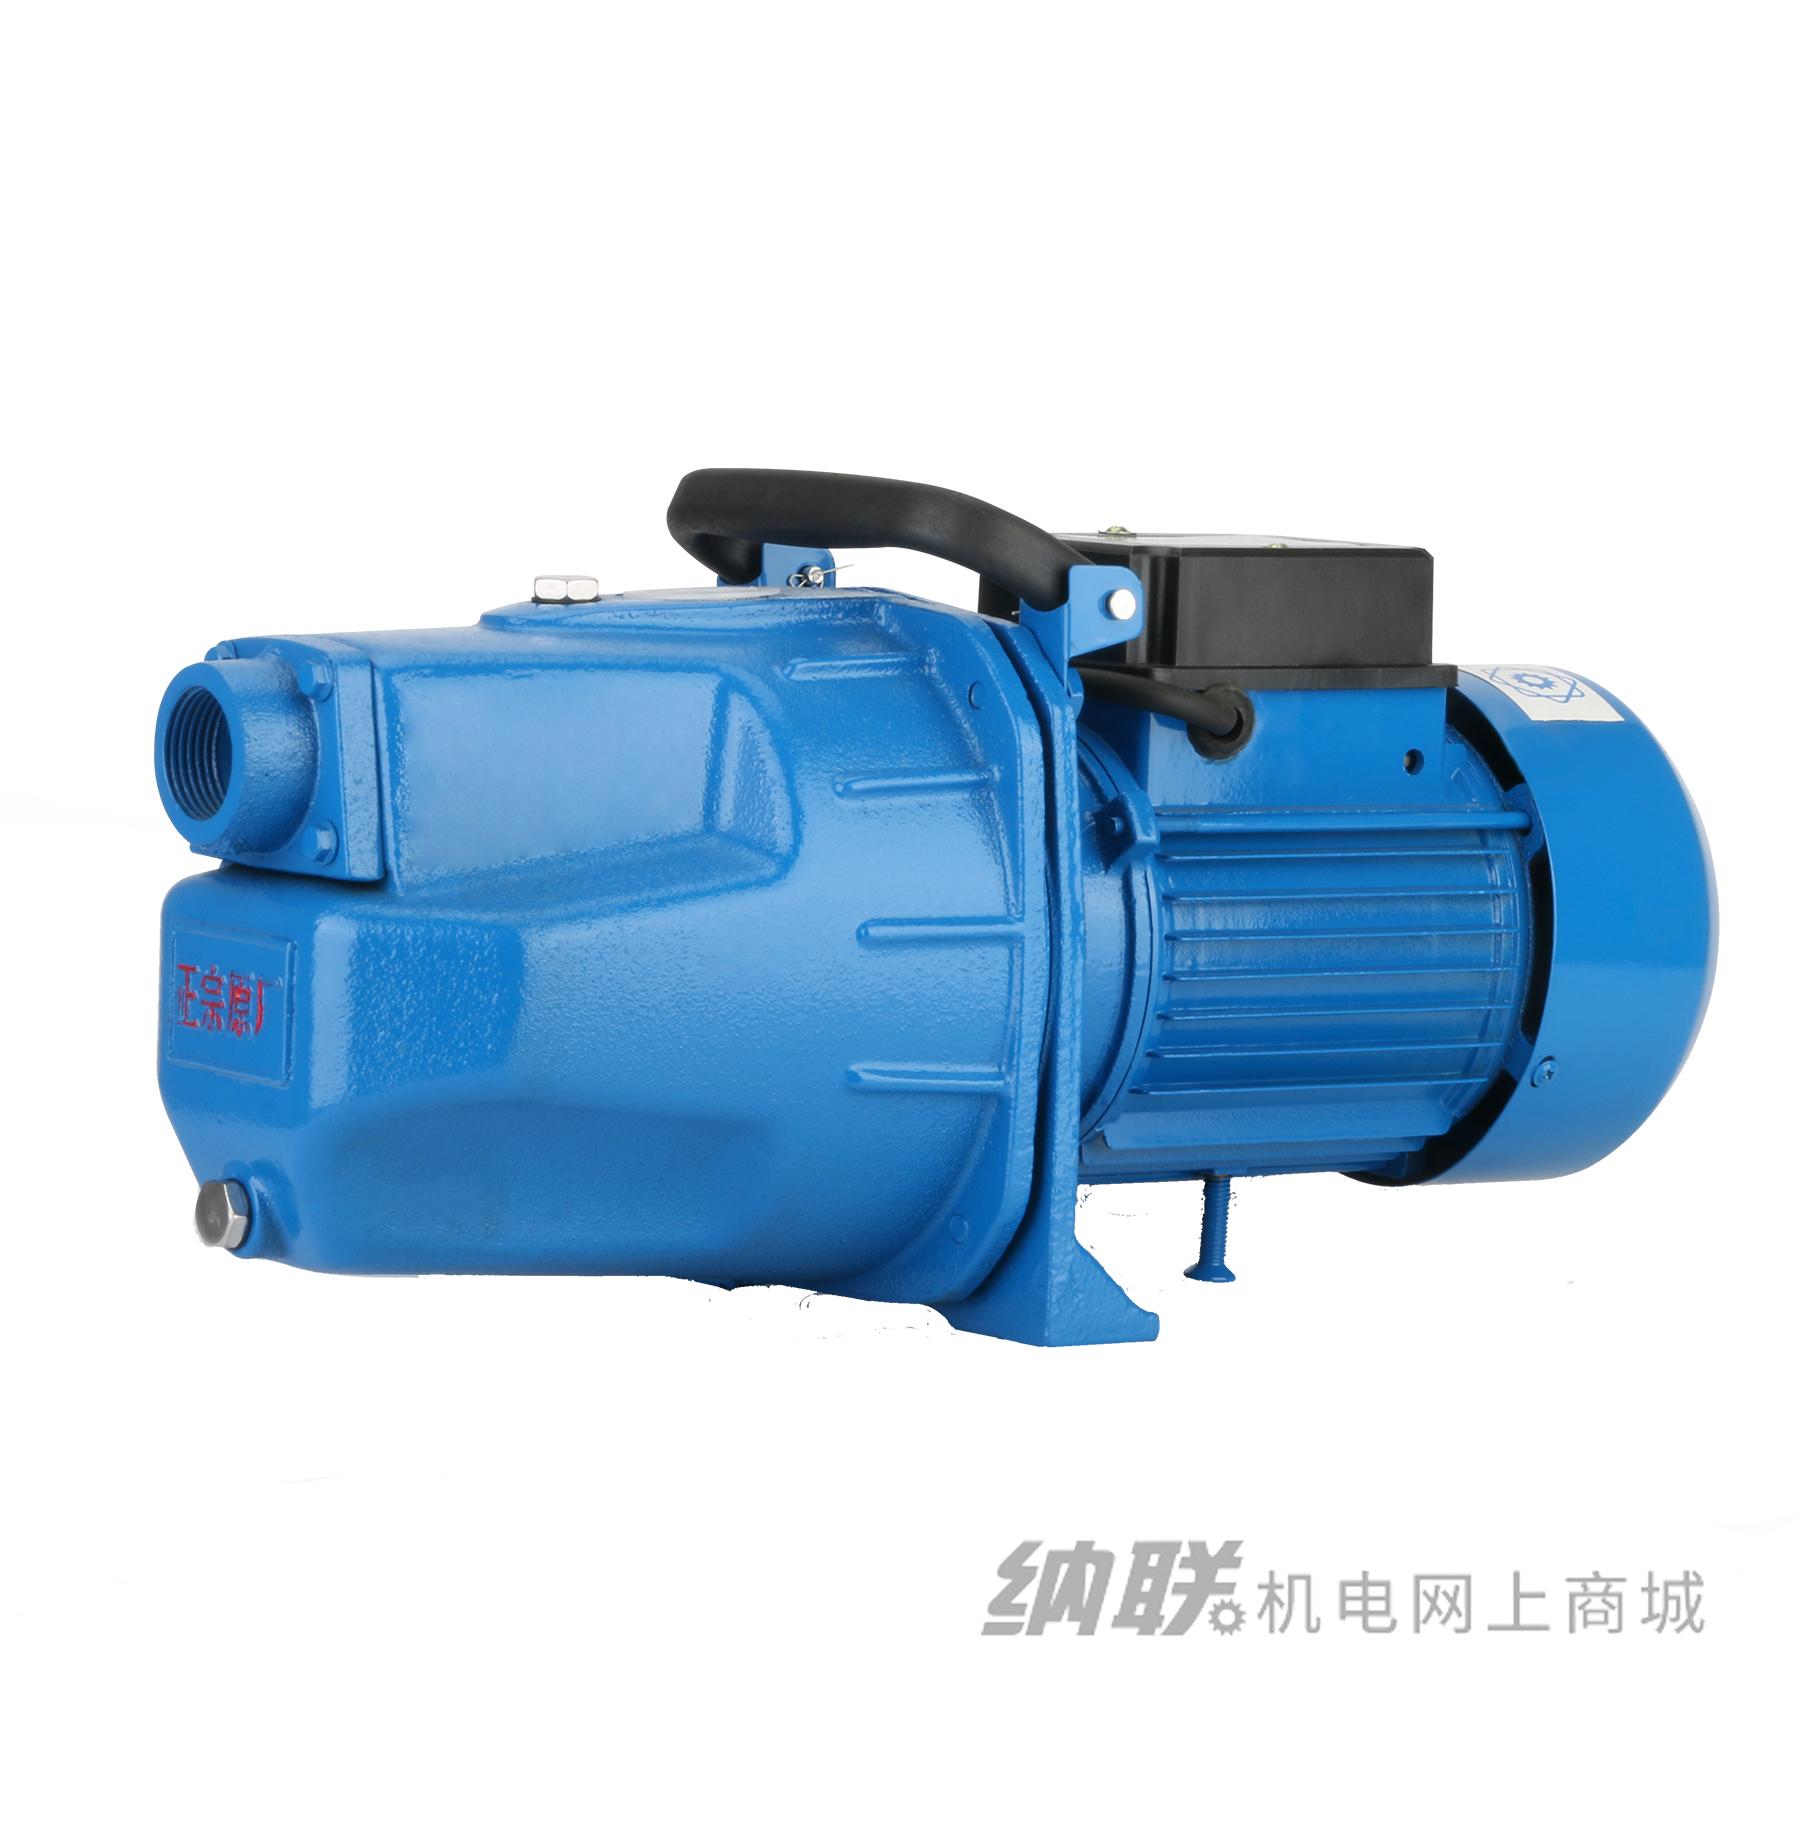 纳联机电 喷射泵-JET-1.5单相